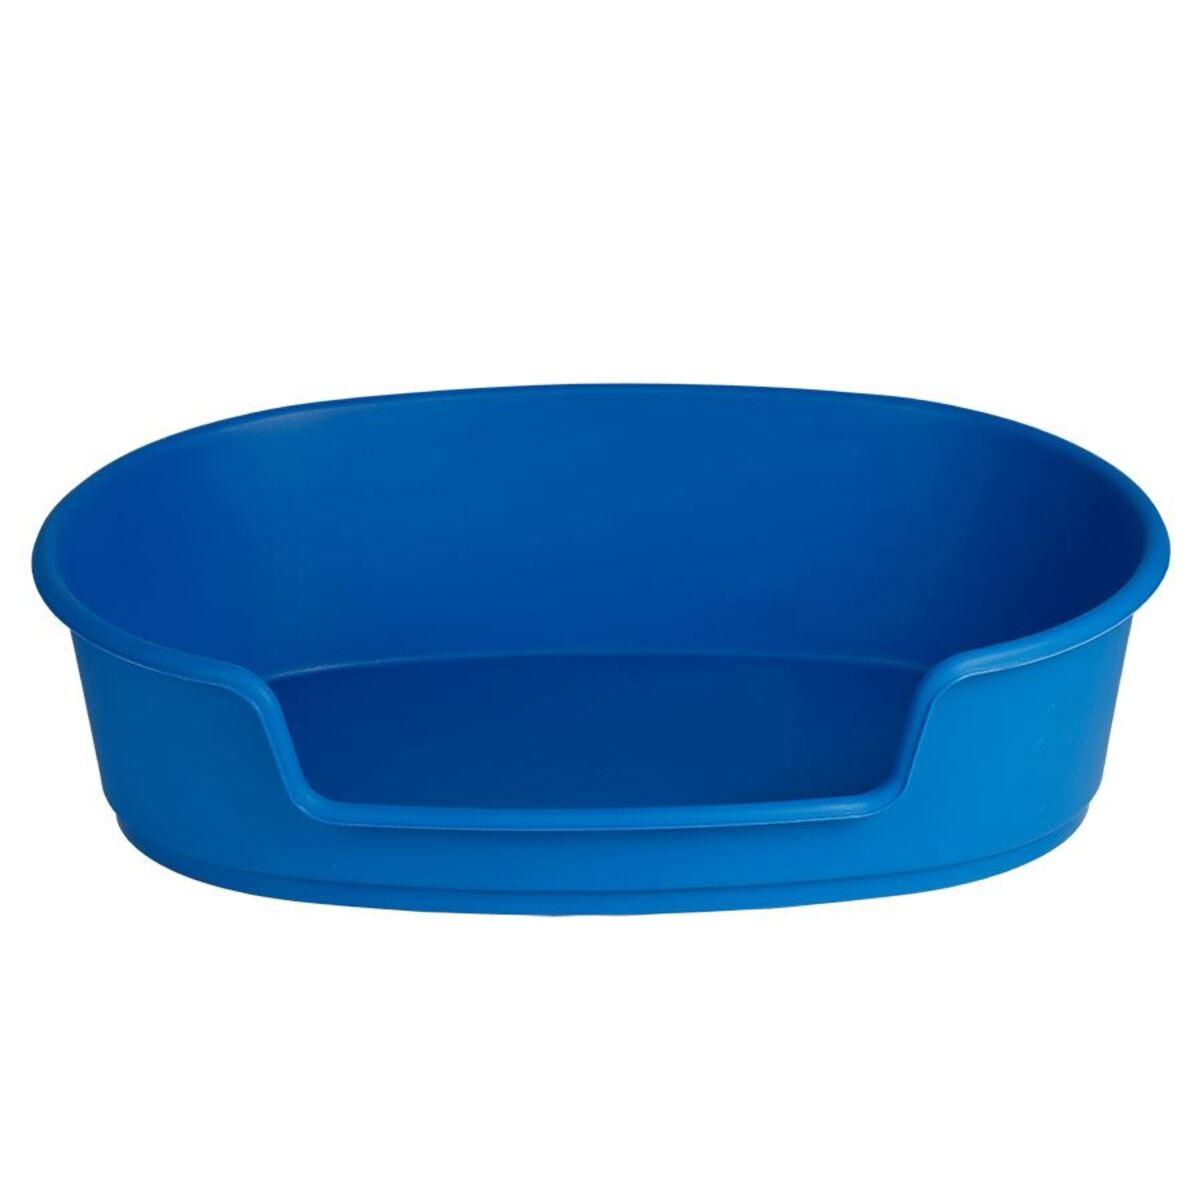 Bild 1 von Haustierkorb Kunststoff 70cm Blau